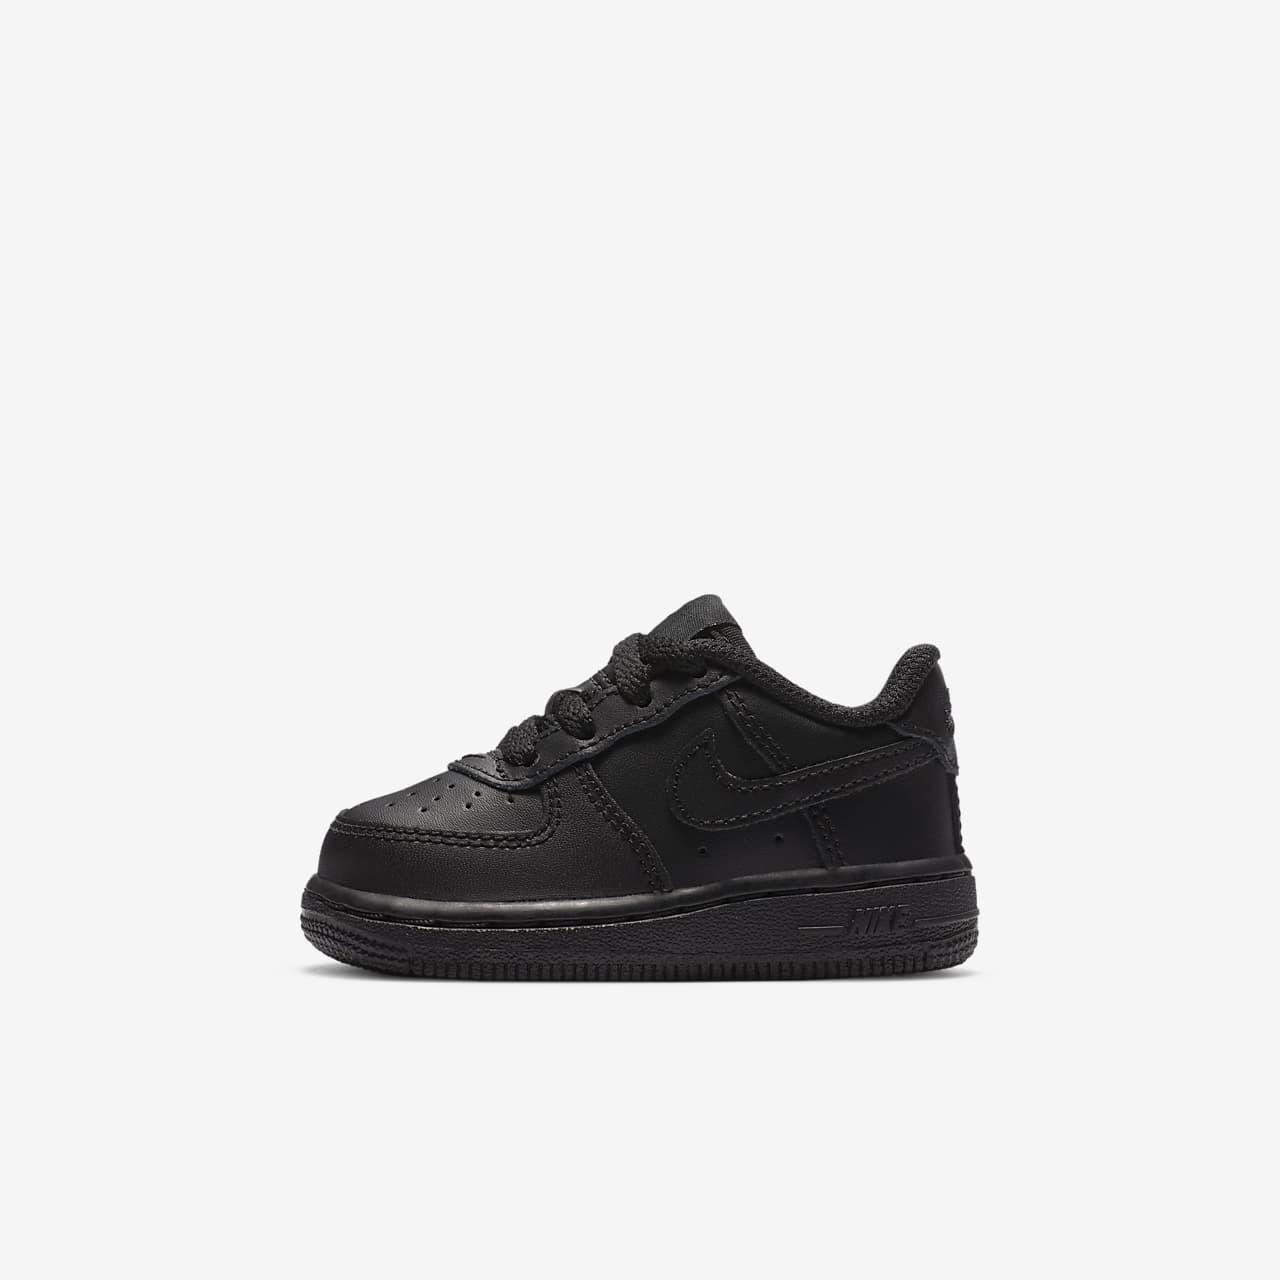 Παπούτσι για βρέφη καινήπια Nike Air Force 1 06